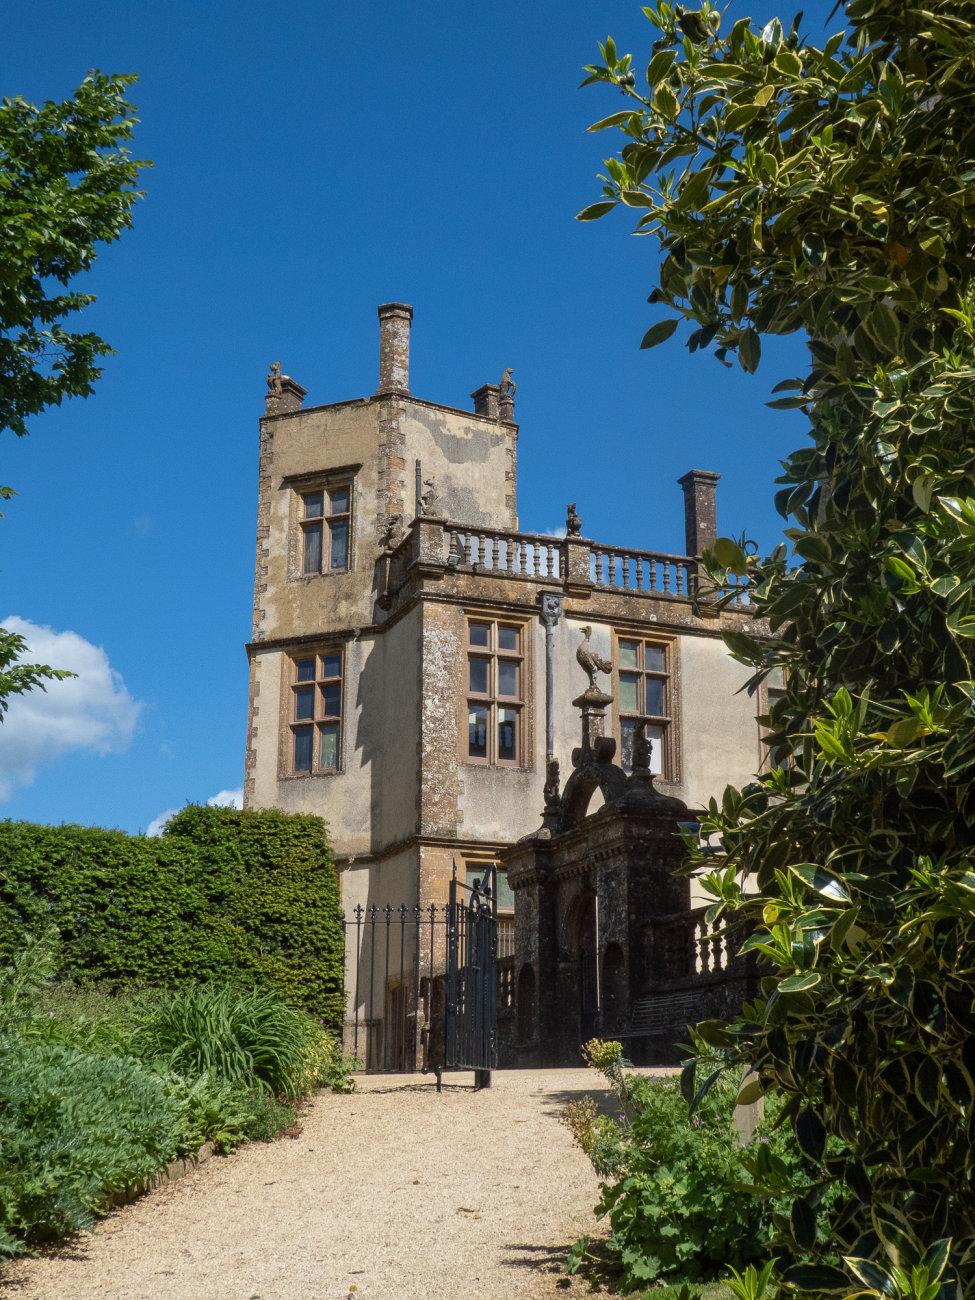 Shebourne Castle